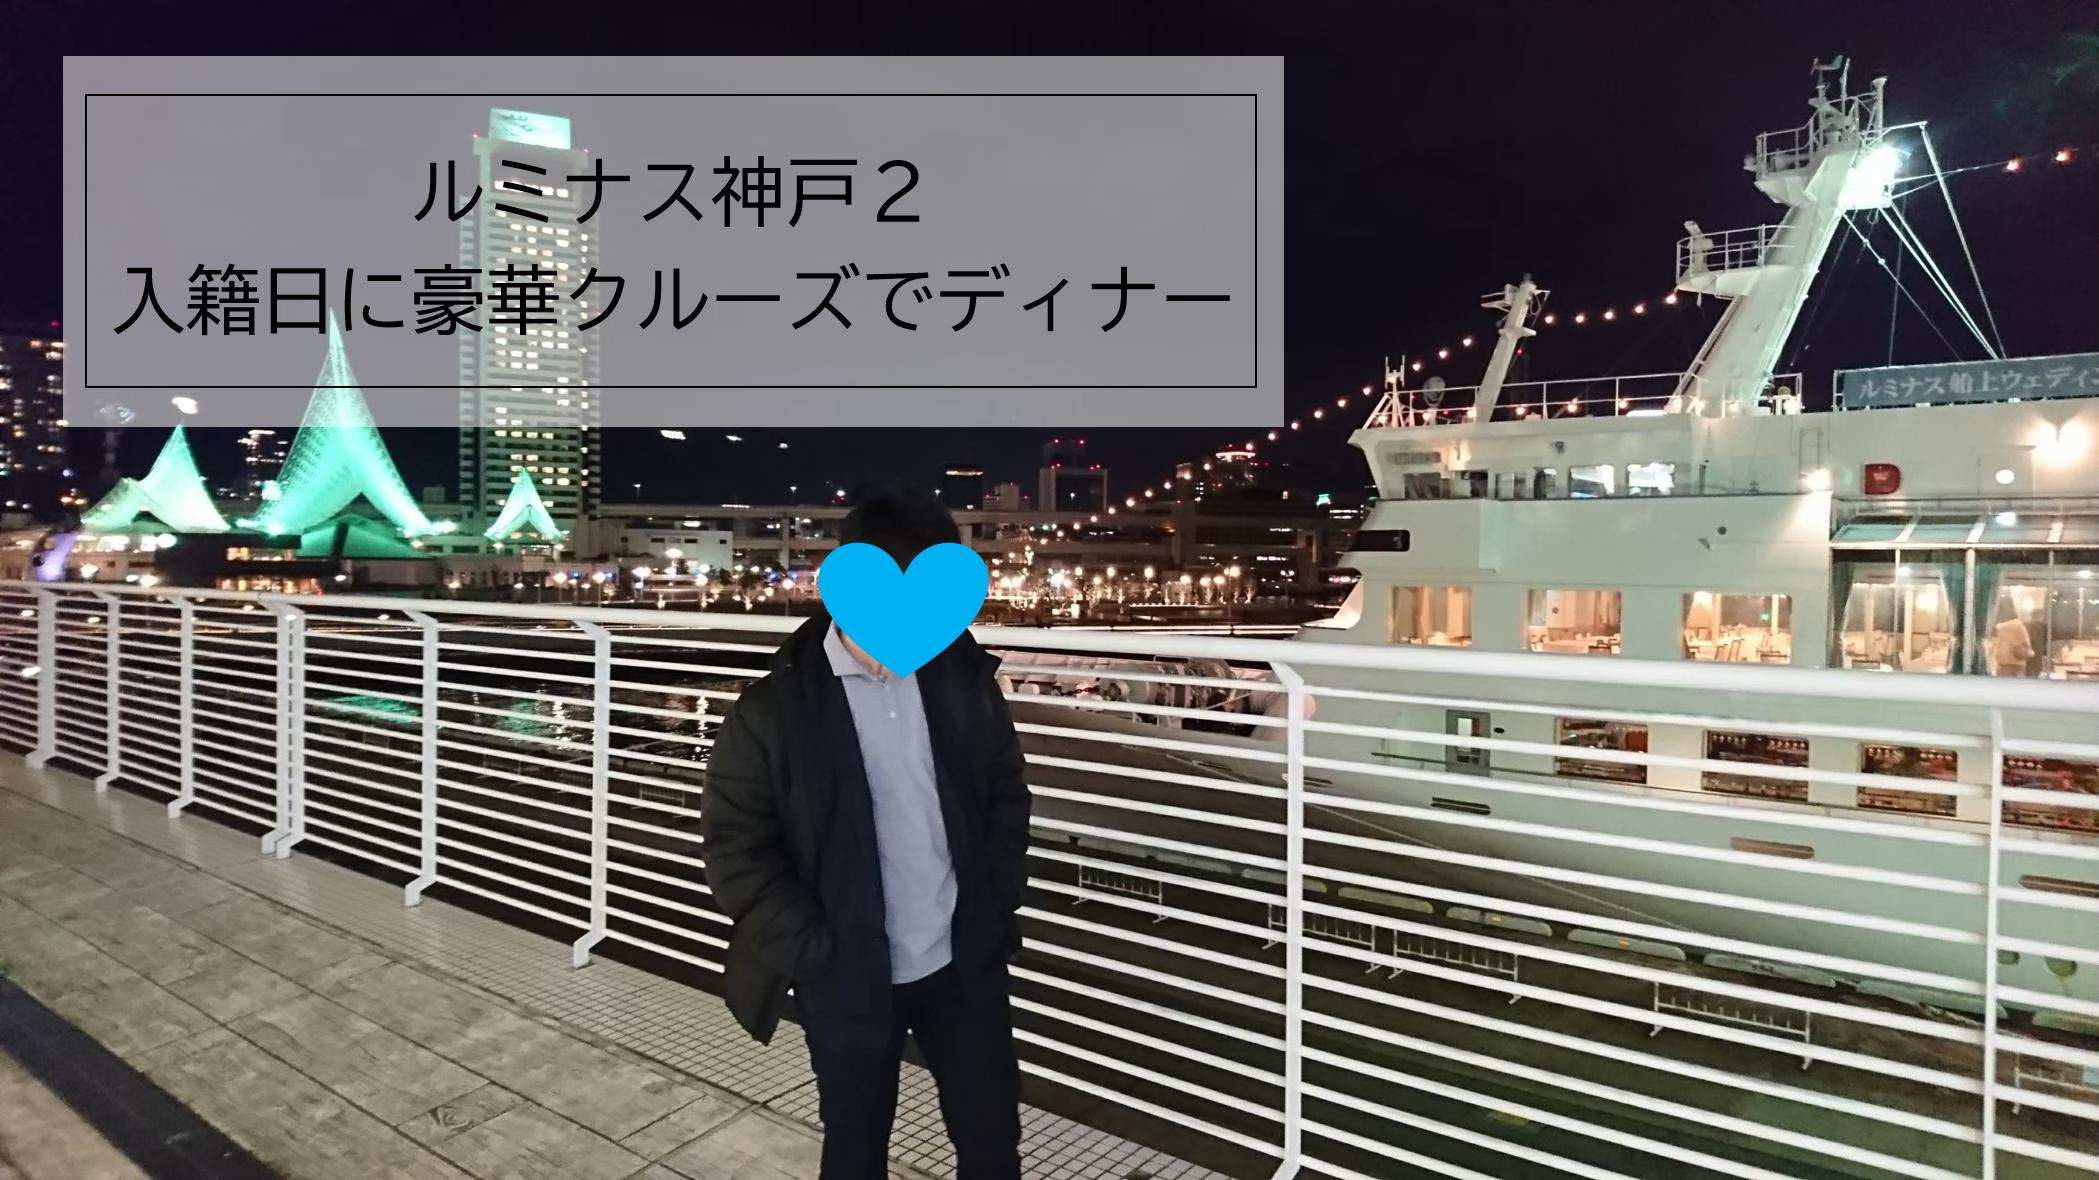 【ルミナス神戸2】入籍日に豪華クルーズでディナーしてきました【新米夫婦のふたりごと】